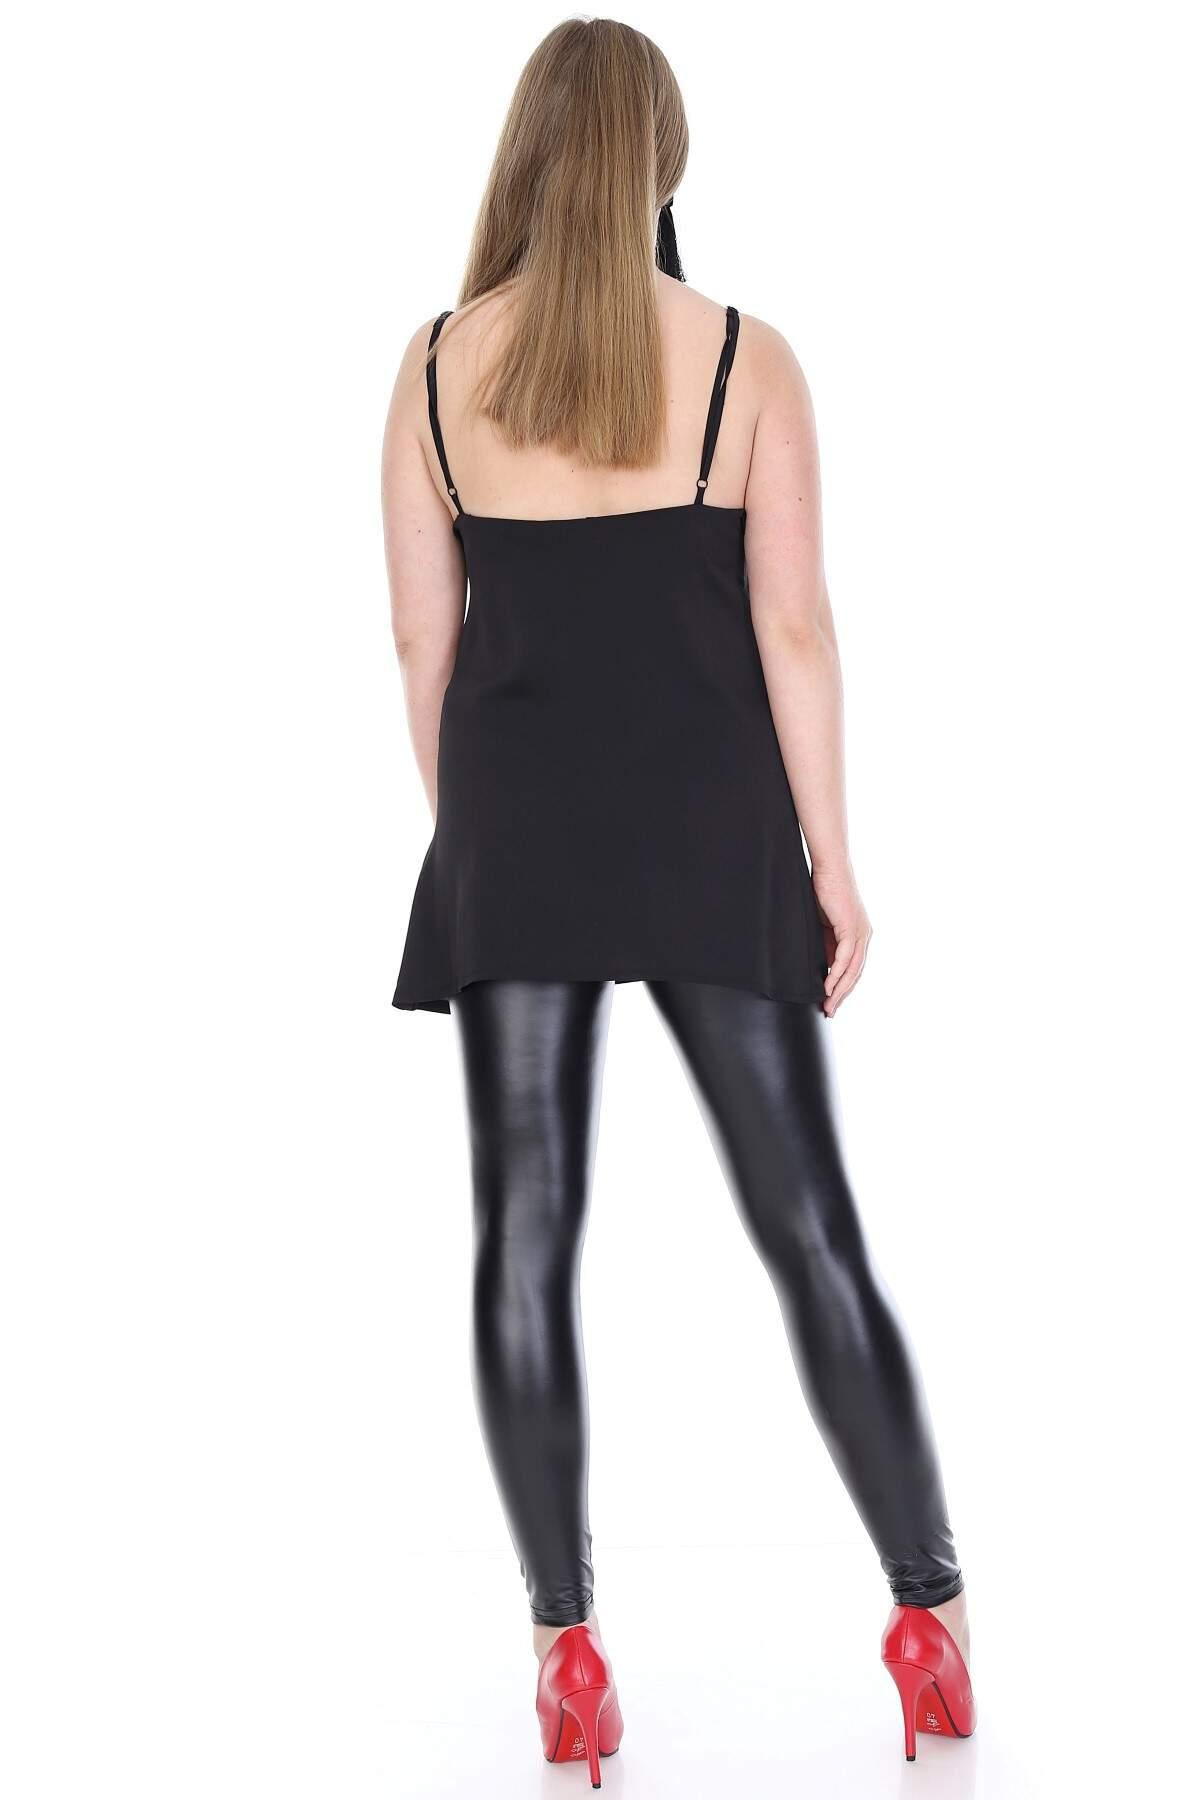 Büyük Beden Yaka Dantel Detay Askılı Saten Abiye Bluz KL811blz Siyah